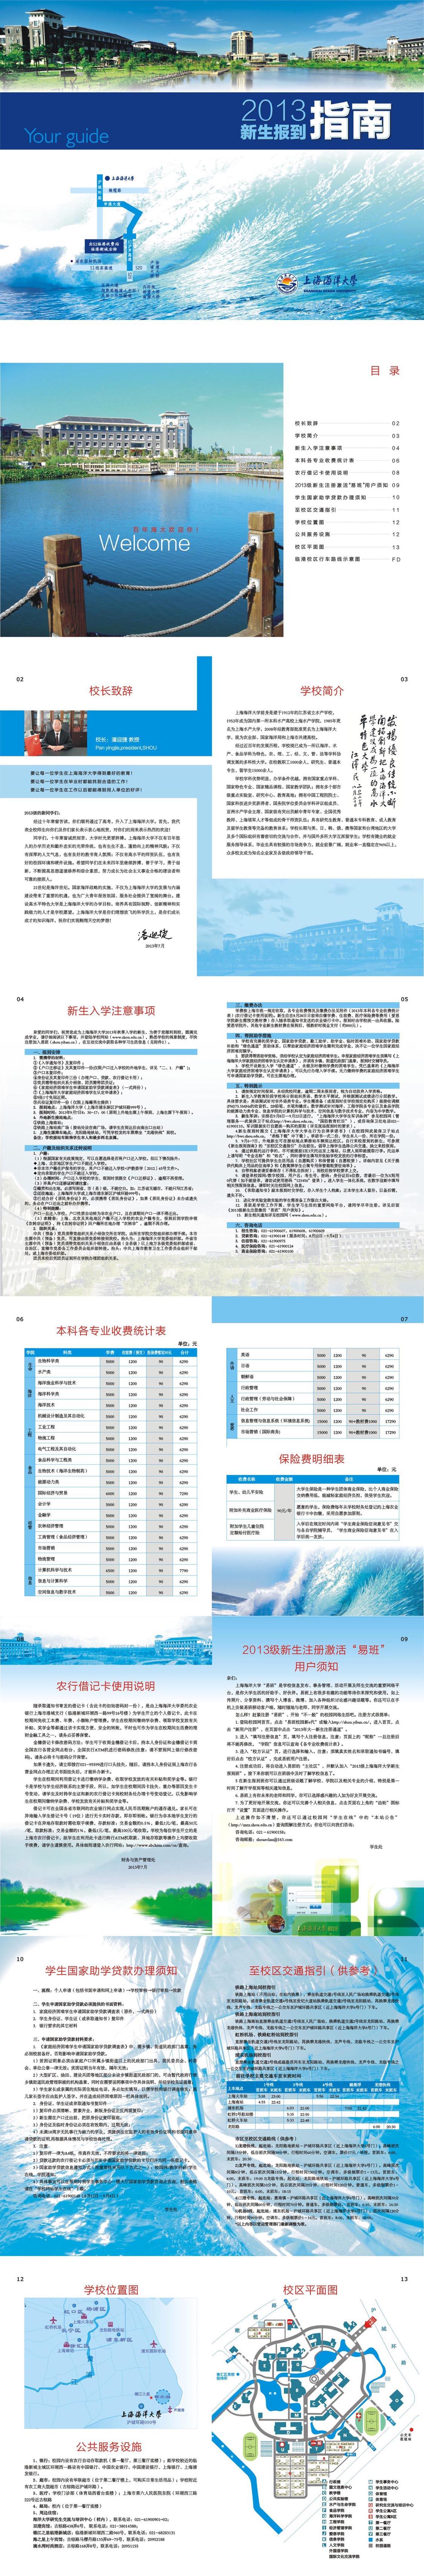 上海海洋大学2013级新生入学指南-打印版式-